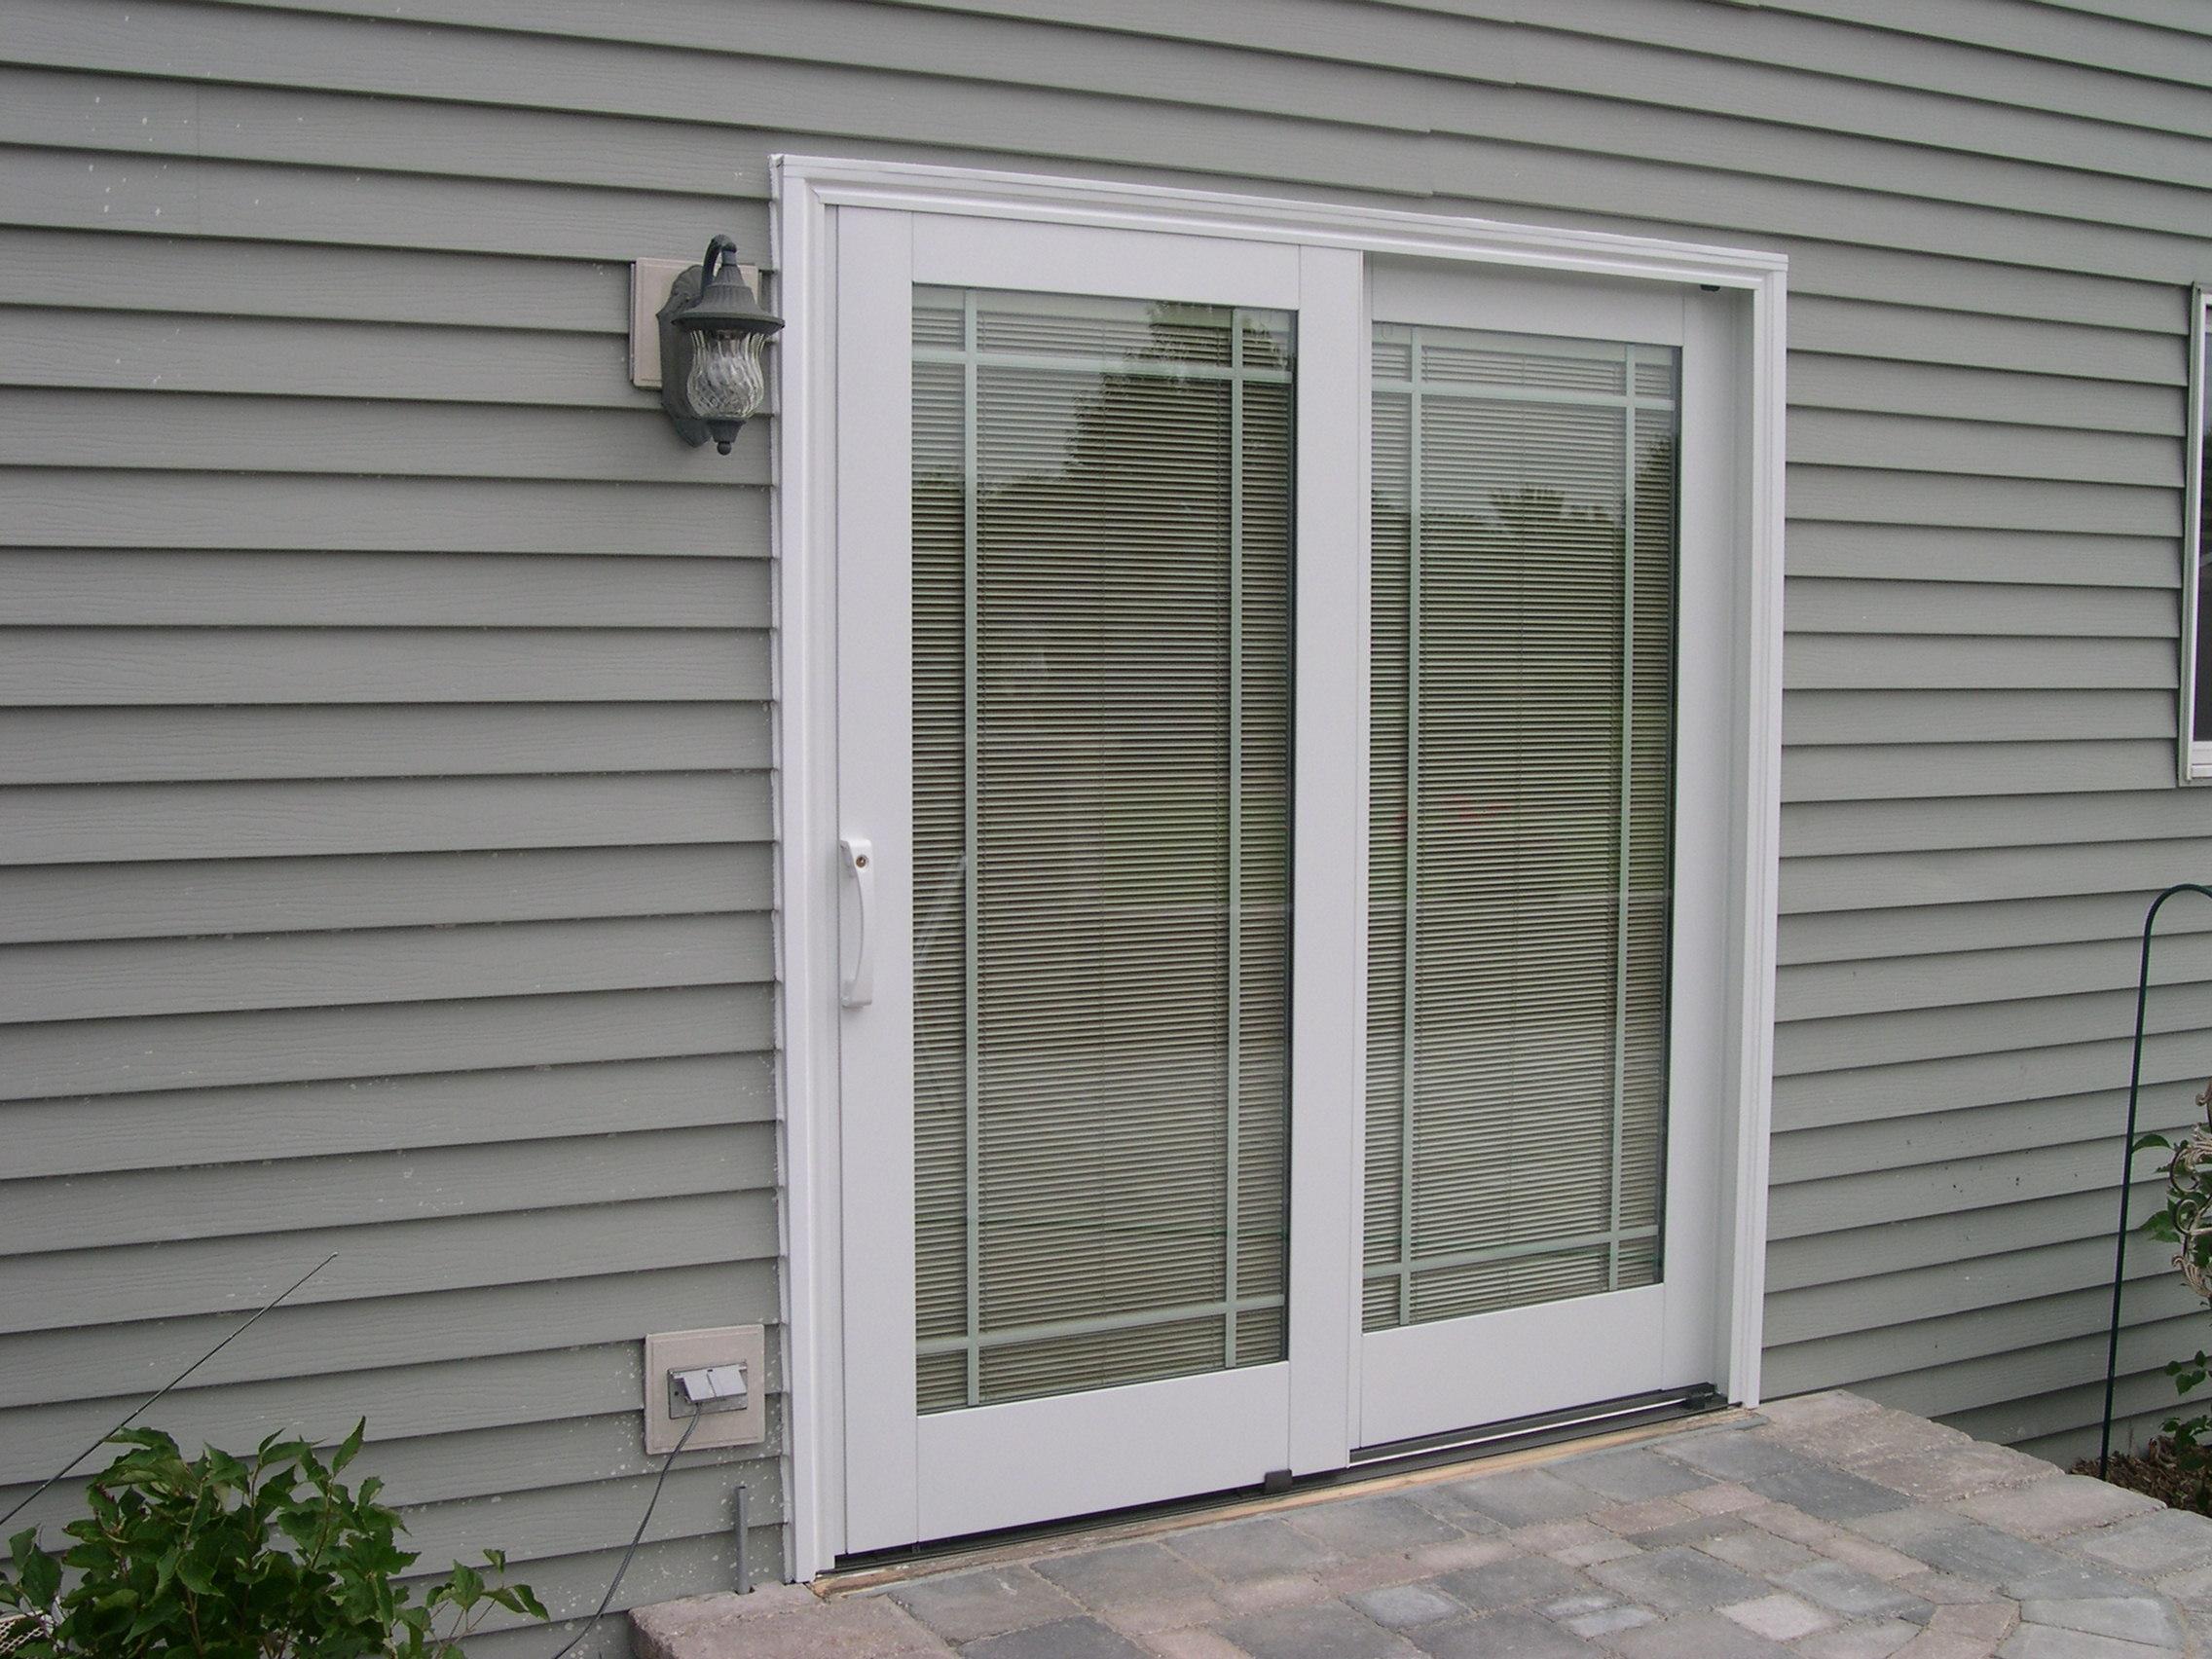 Pella Sliding Patio Door With Blinds Between Glass